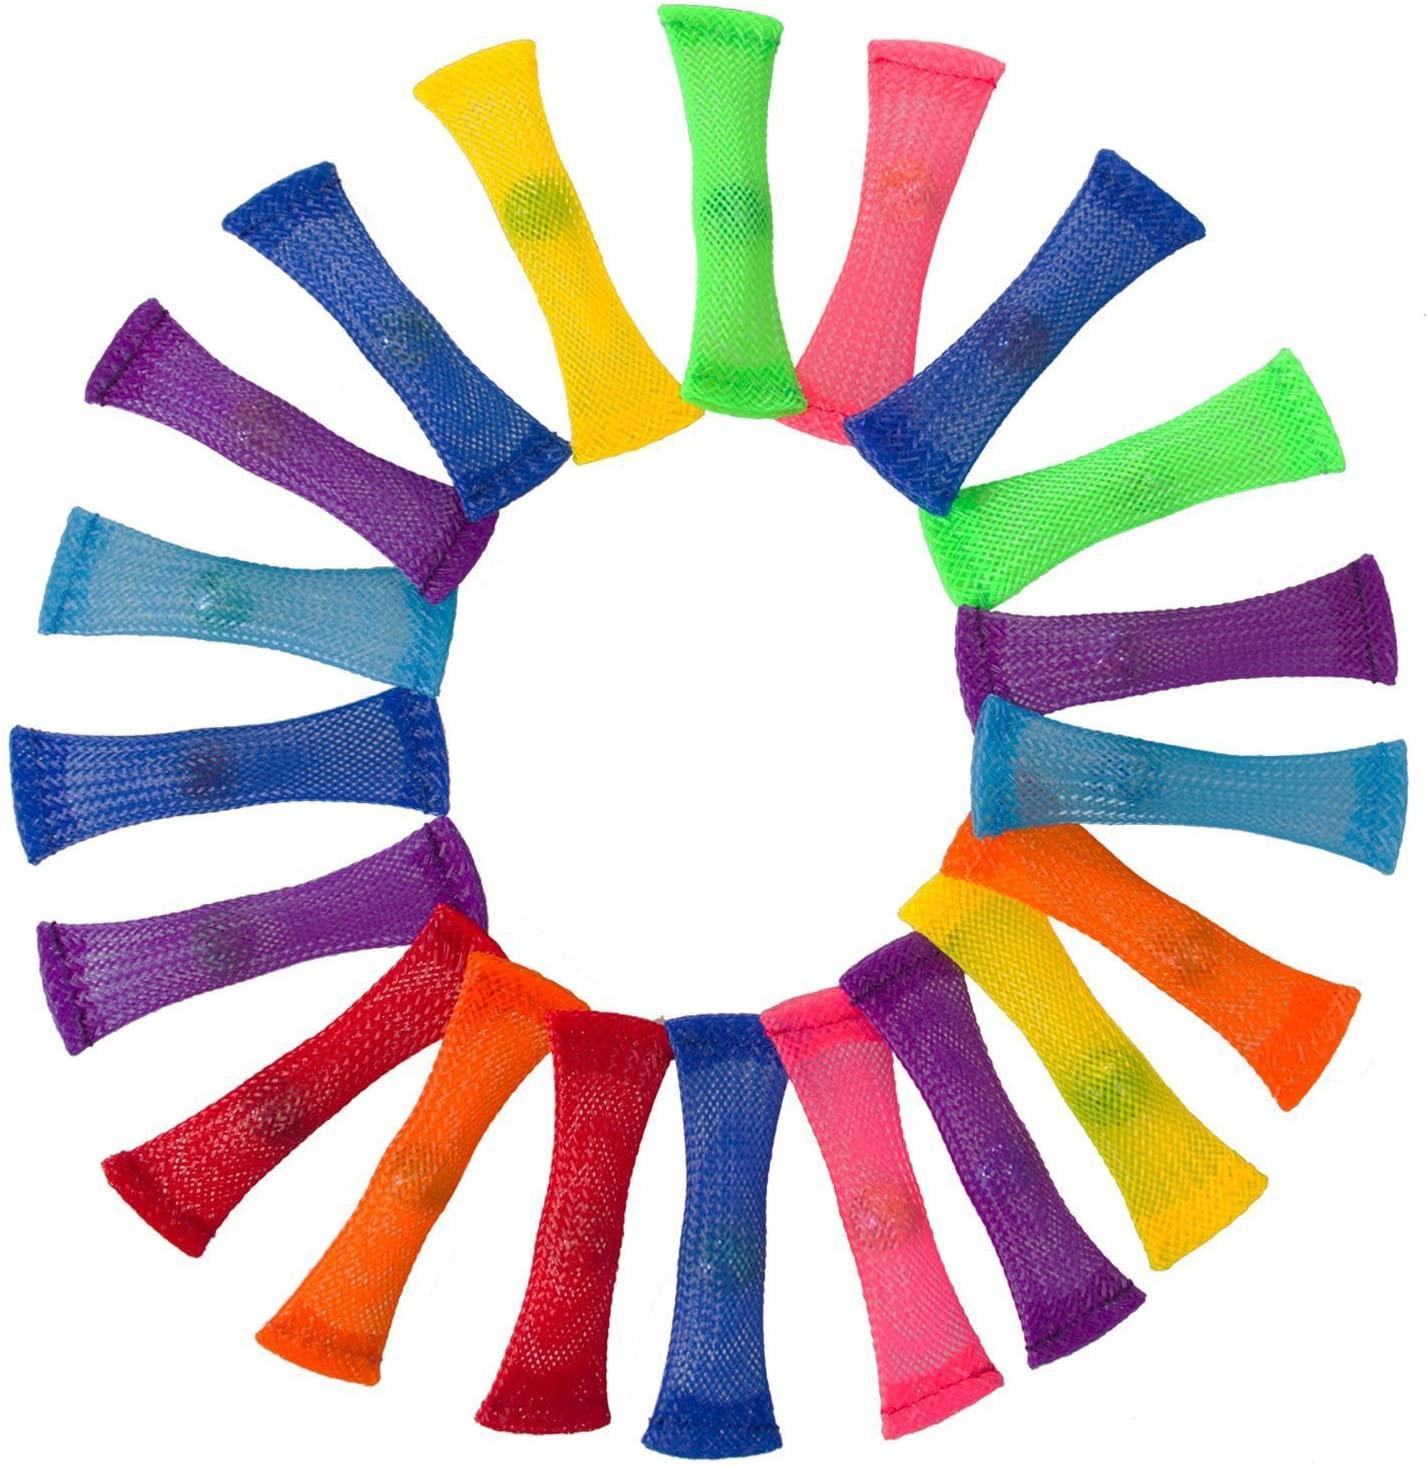 شبكة الرخام تململ لعبة أنبوب للبالغين أطفال في المدرسة ADHD إضافة الرخام القلق OCD والشبكات إصبع اليد تملأ